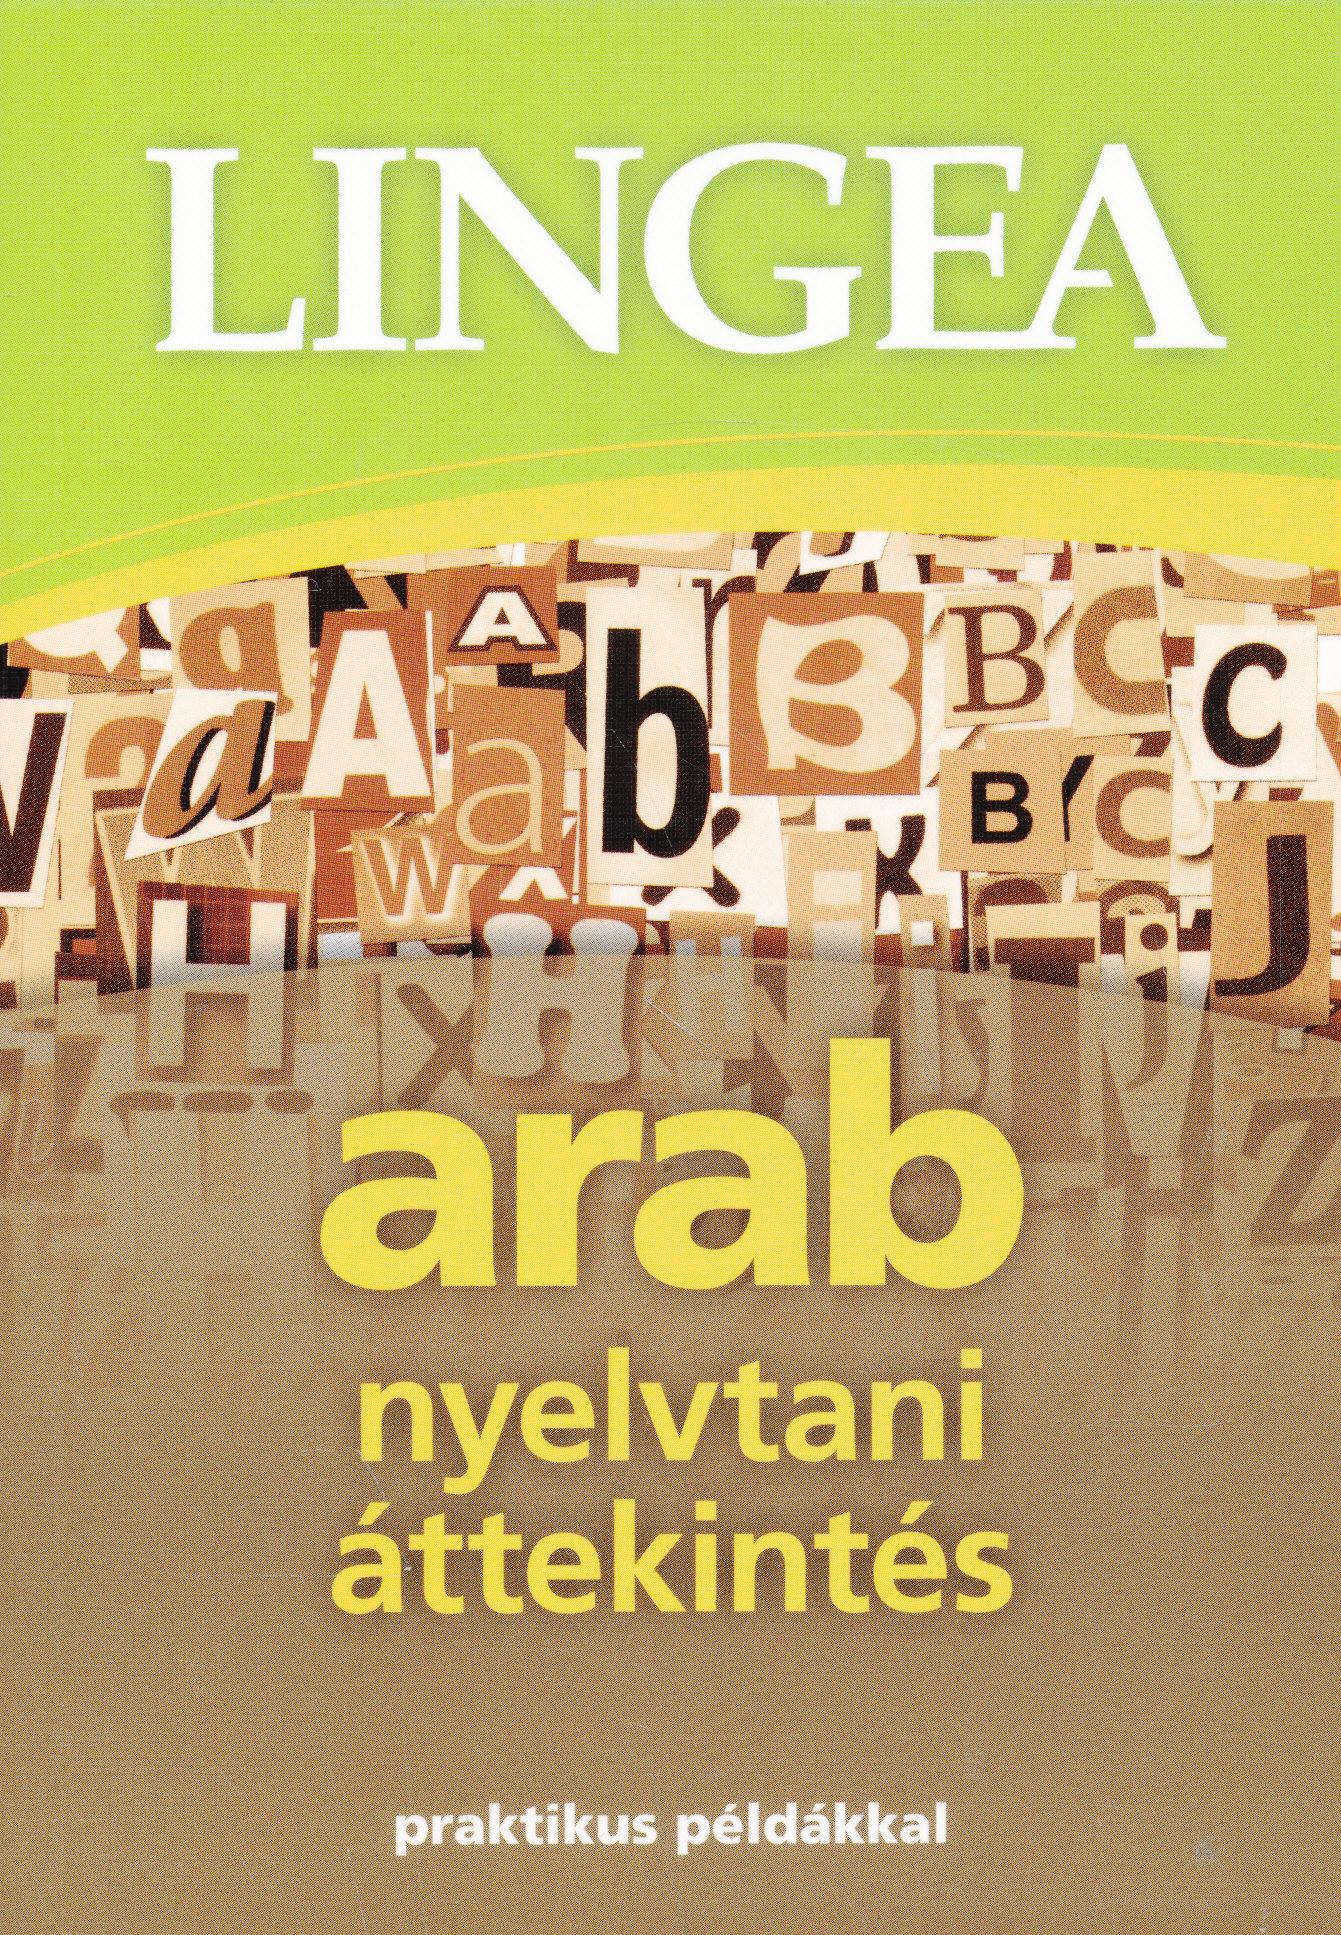 Lingea arab nyelvtani áttekintés praktikus példákkal